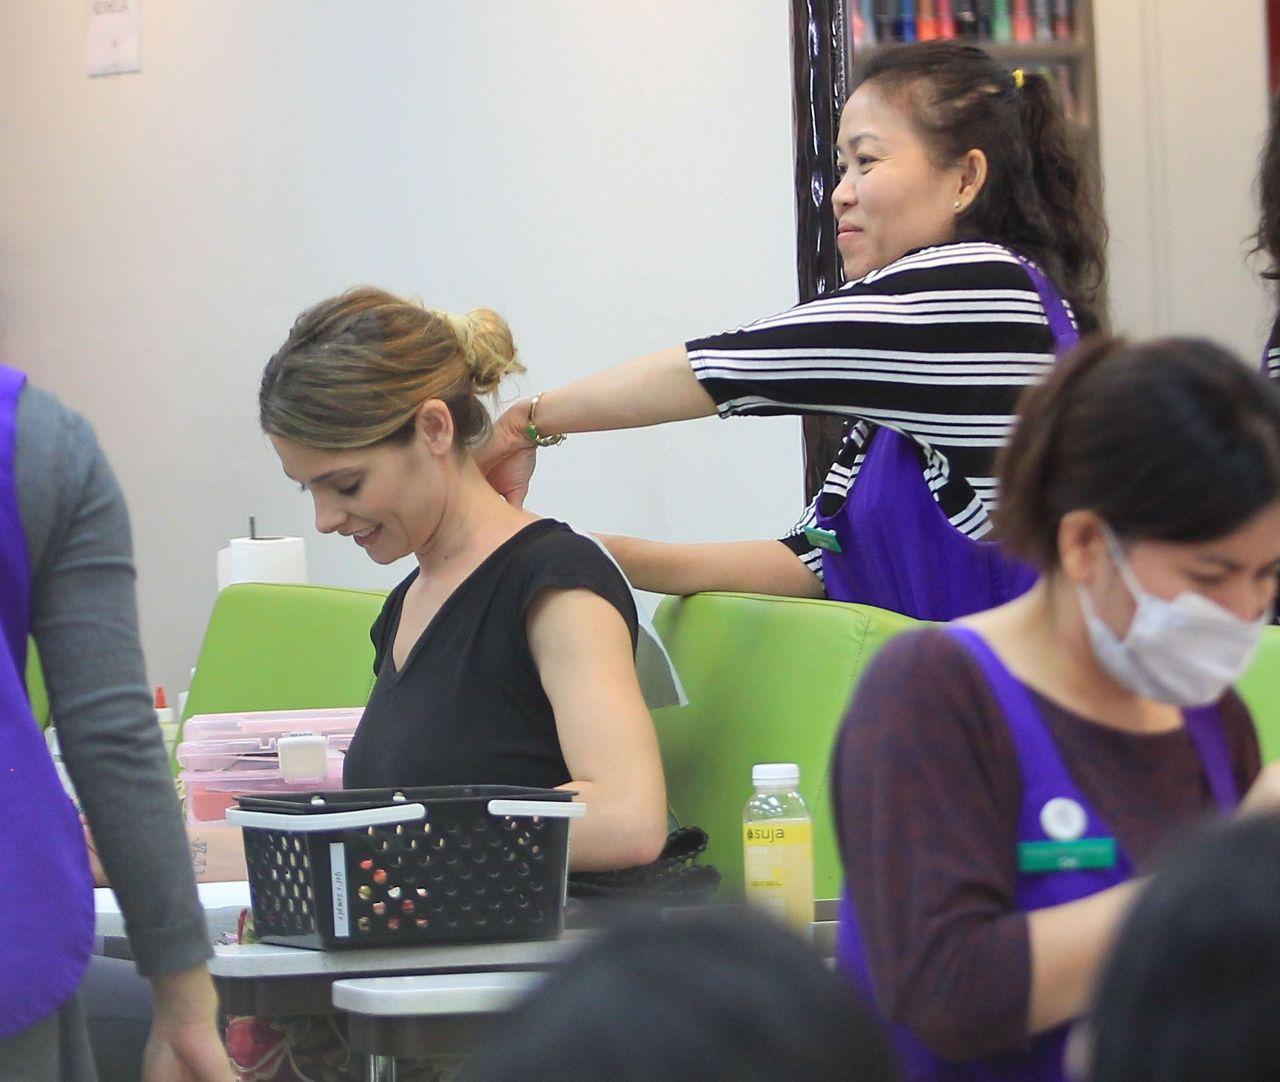 Es Nail Salon Los Angeles: Ashley Greene At A Nail Salon In Los Angeles 6/15/2016